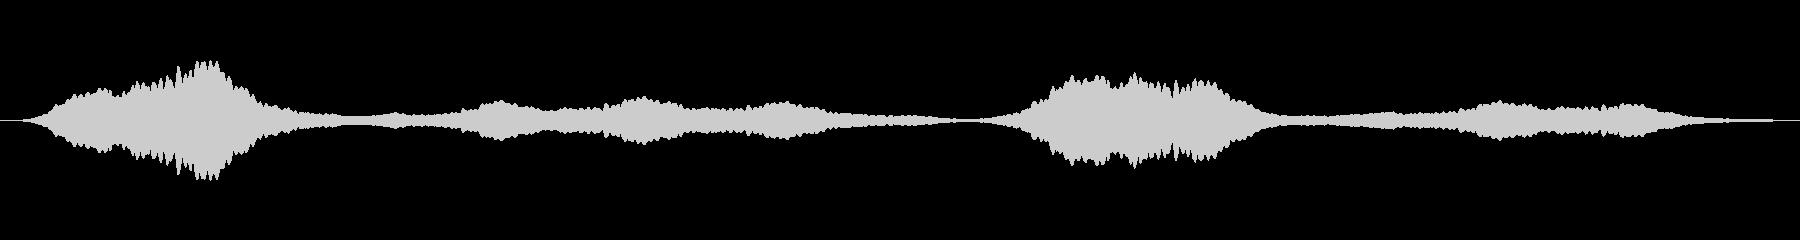 クリスタルの輝き シンプル ループの未再生の波形